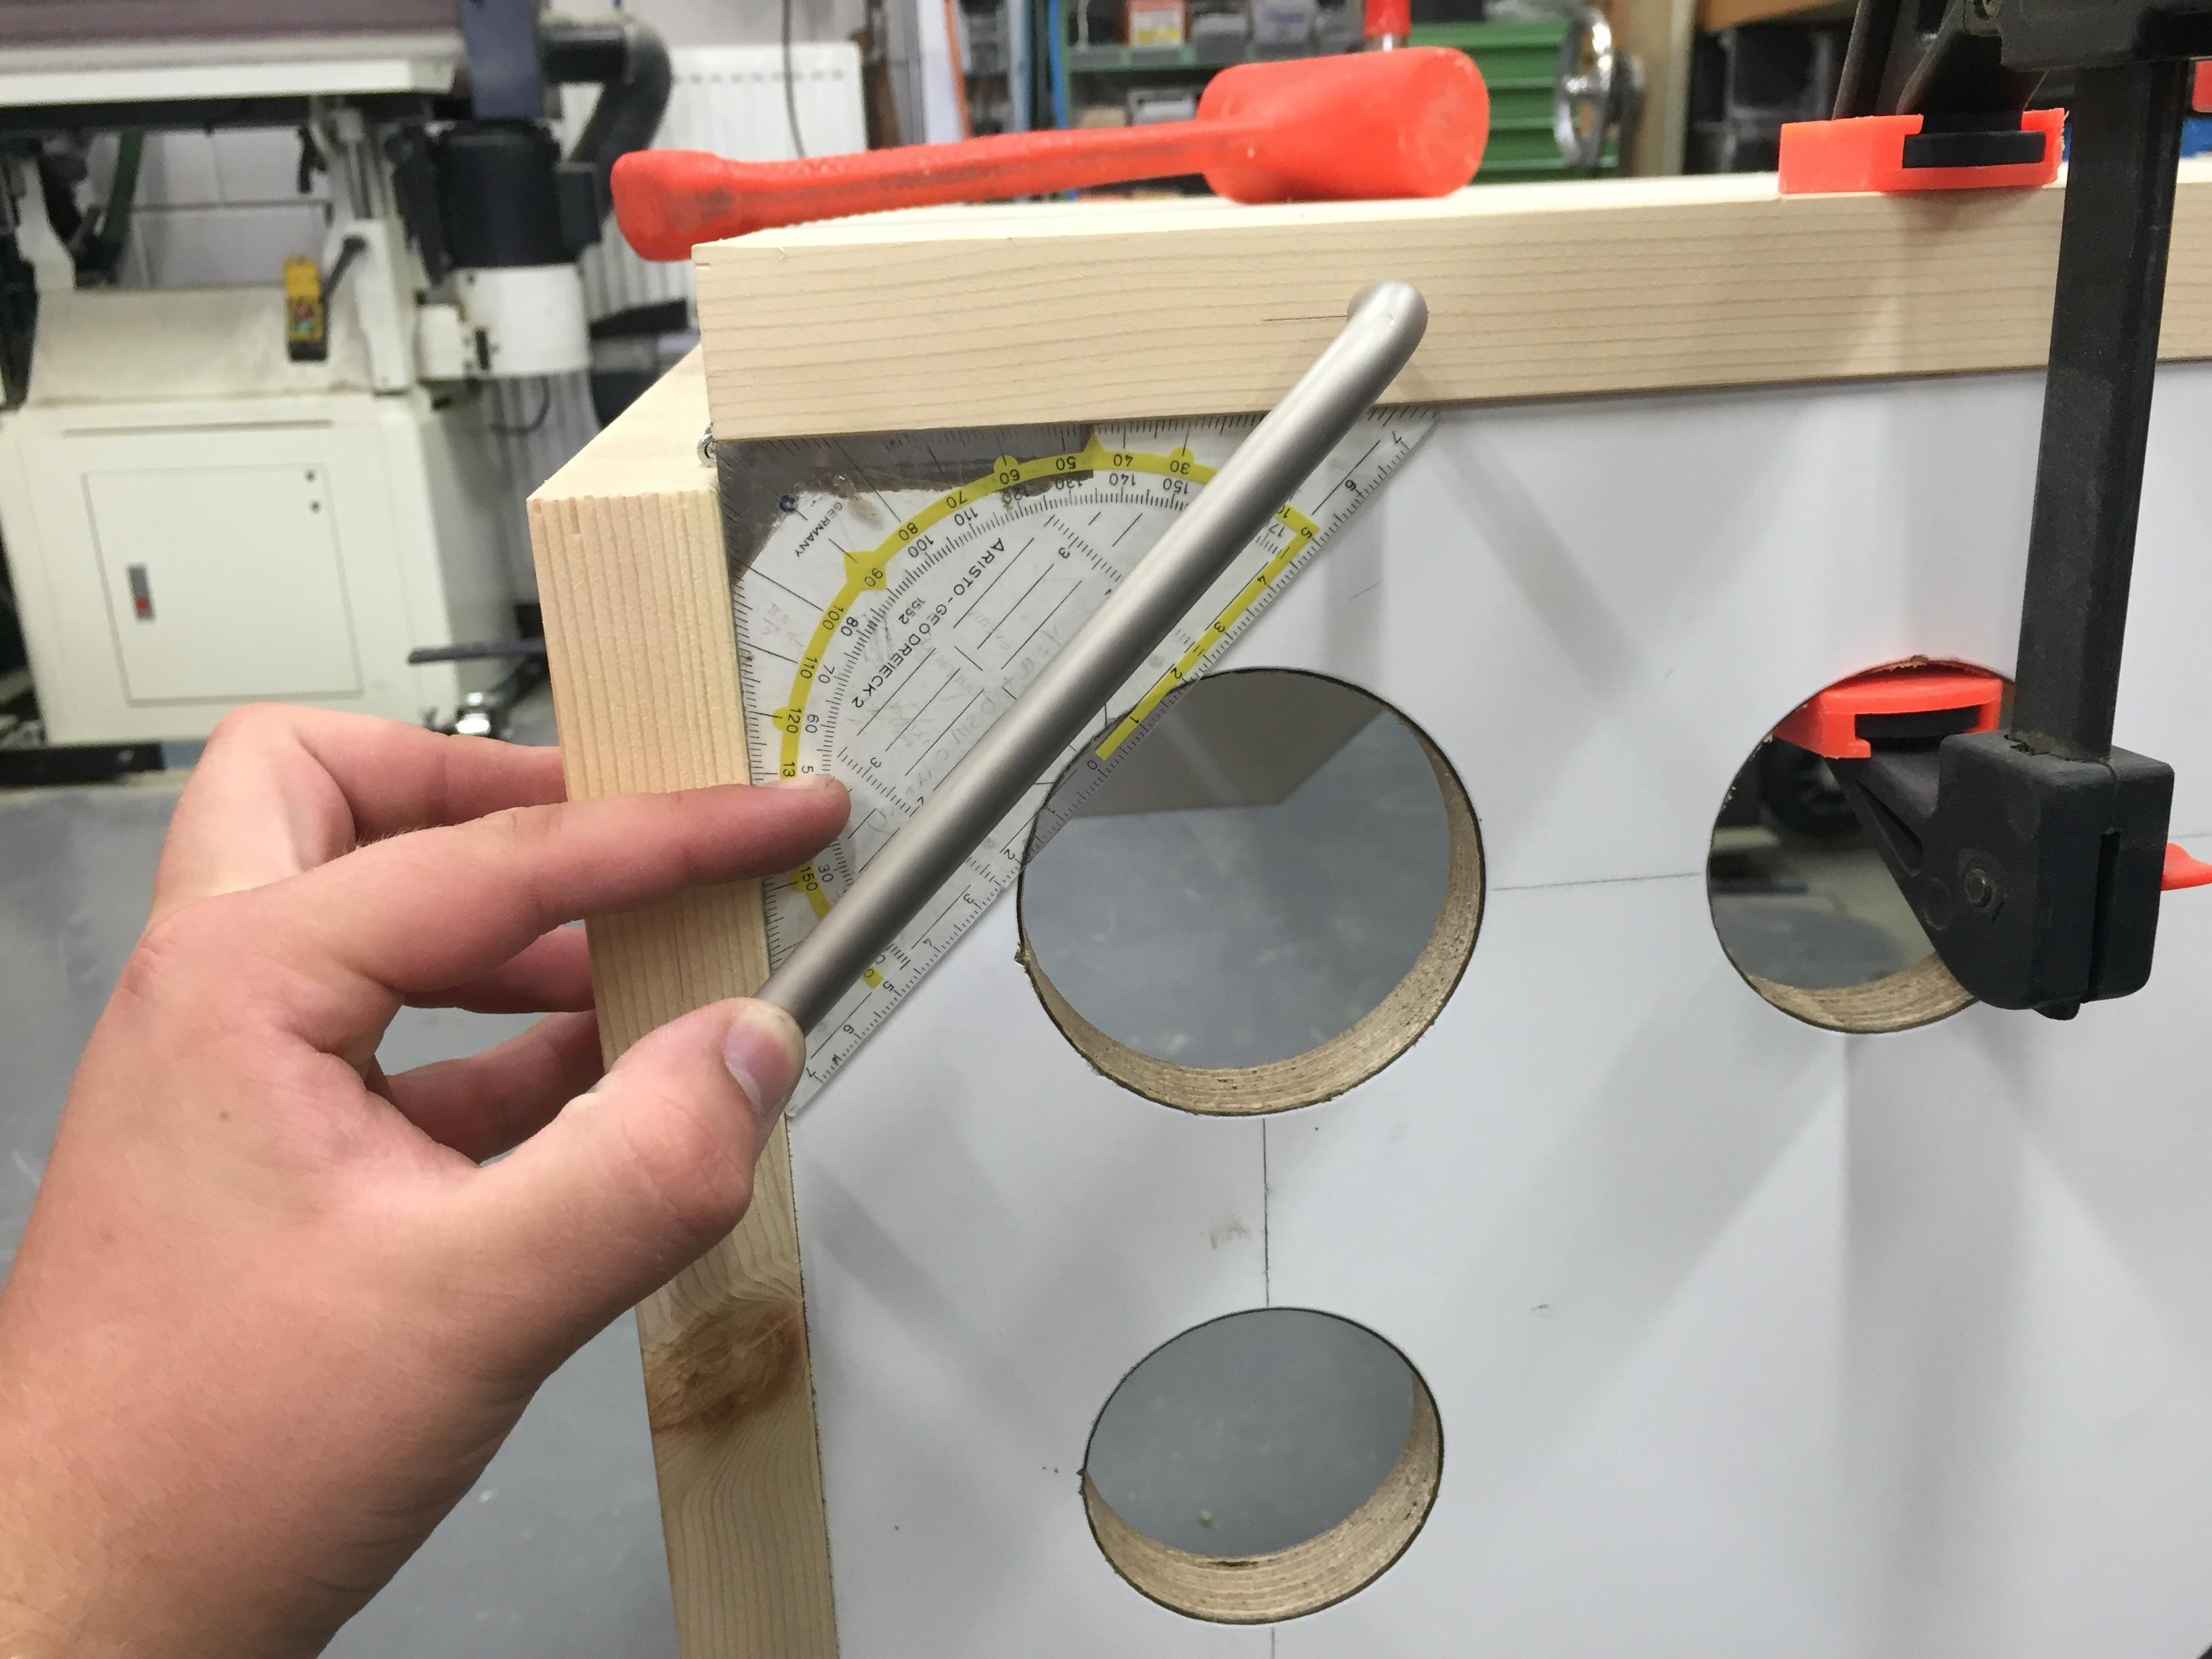 R aliser une table miroir repliable pour les makers for 2 miroirs perpendiculaires